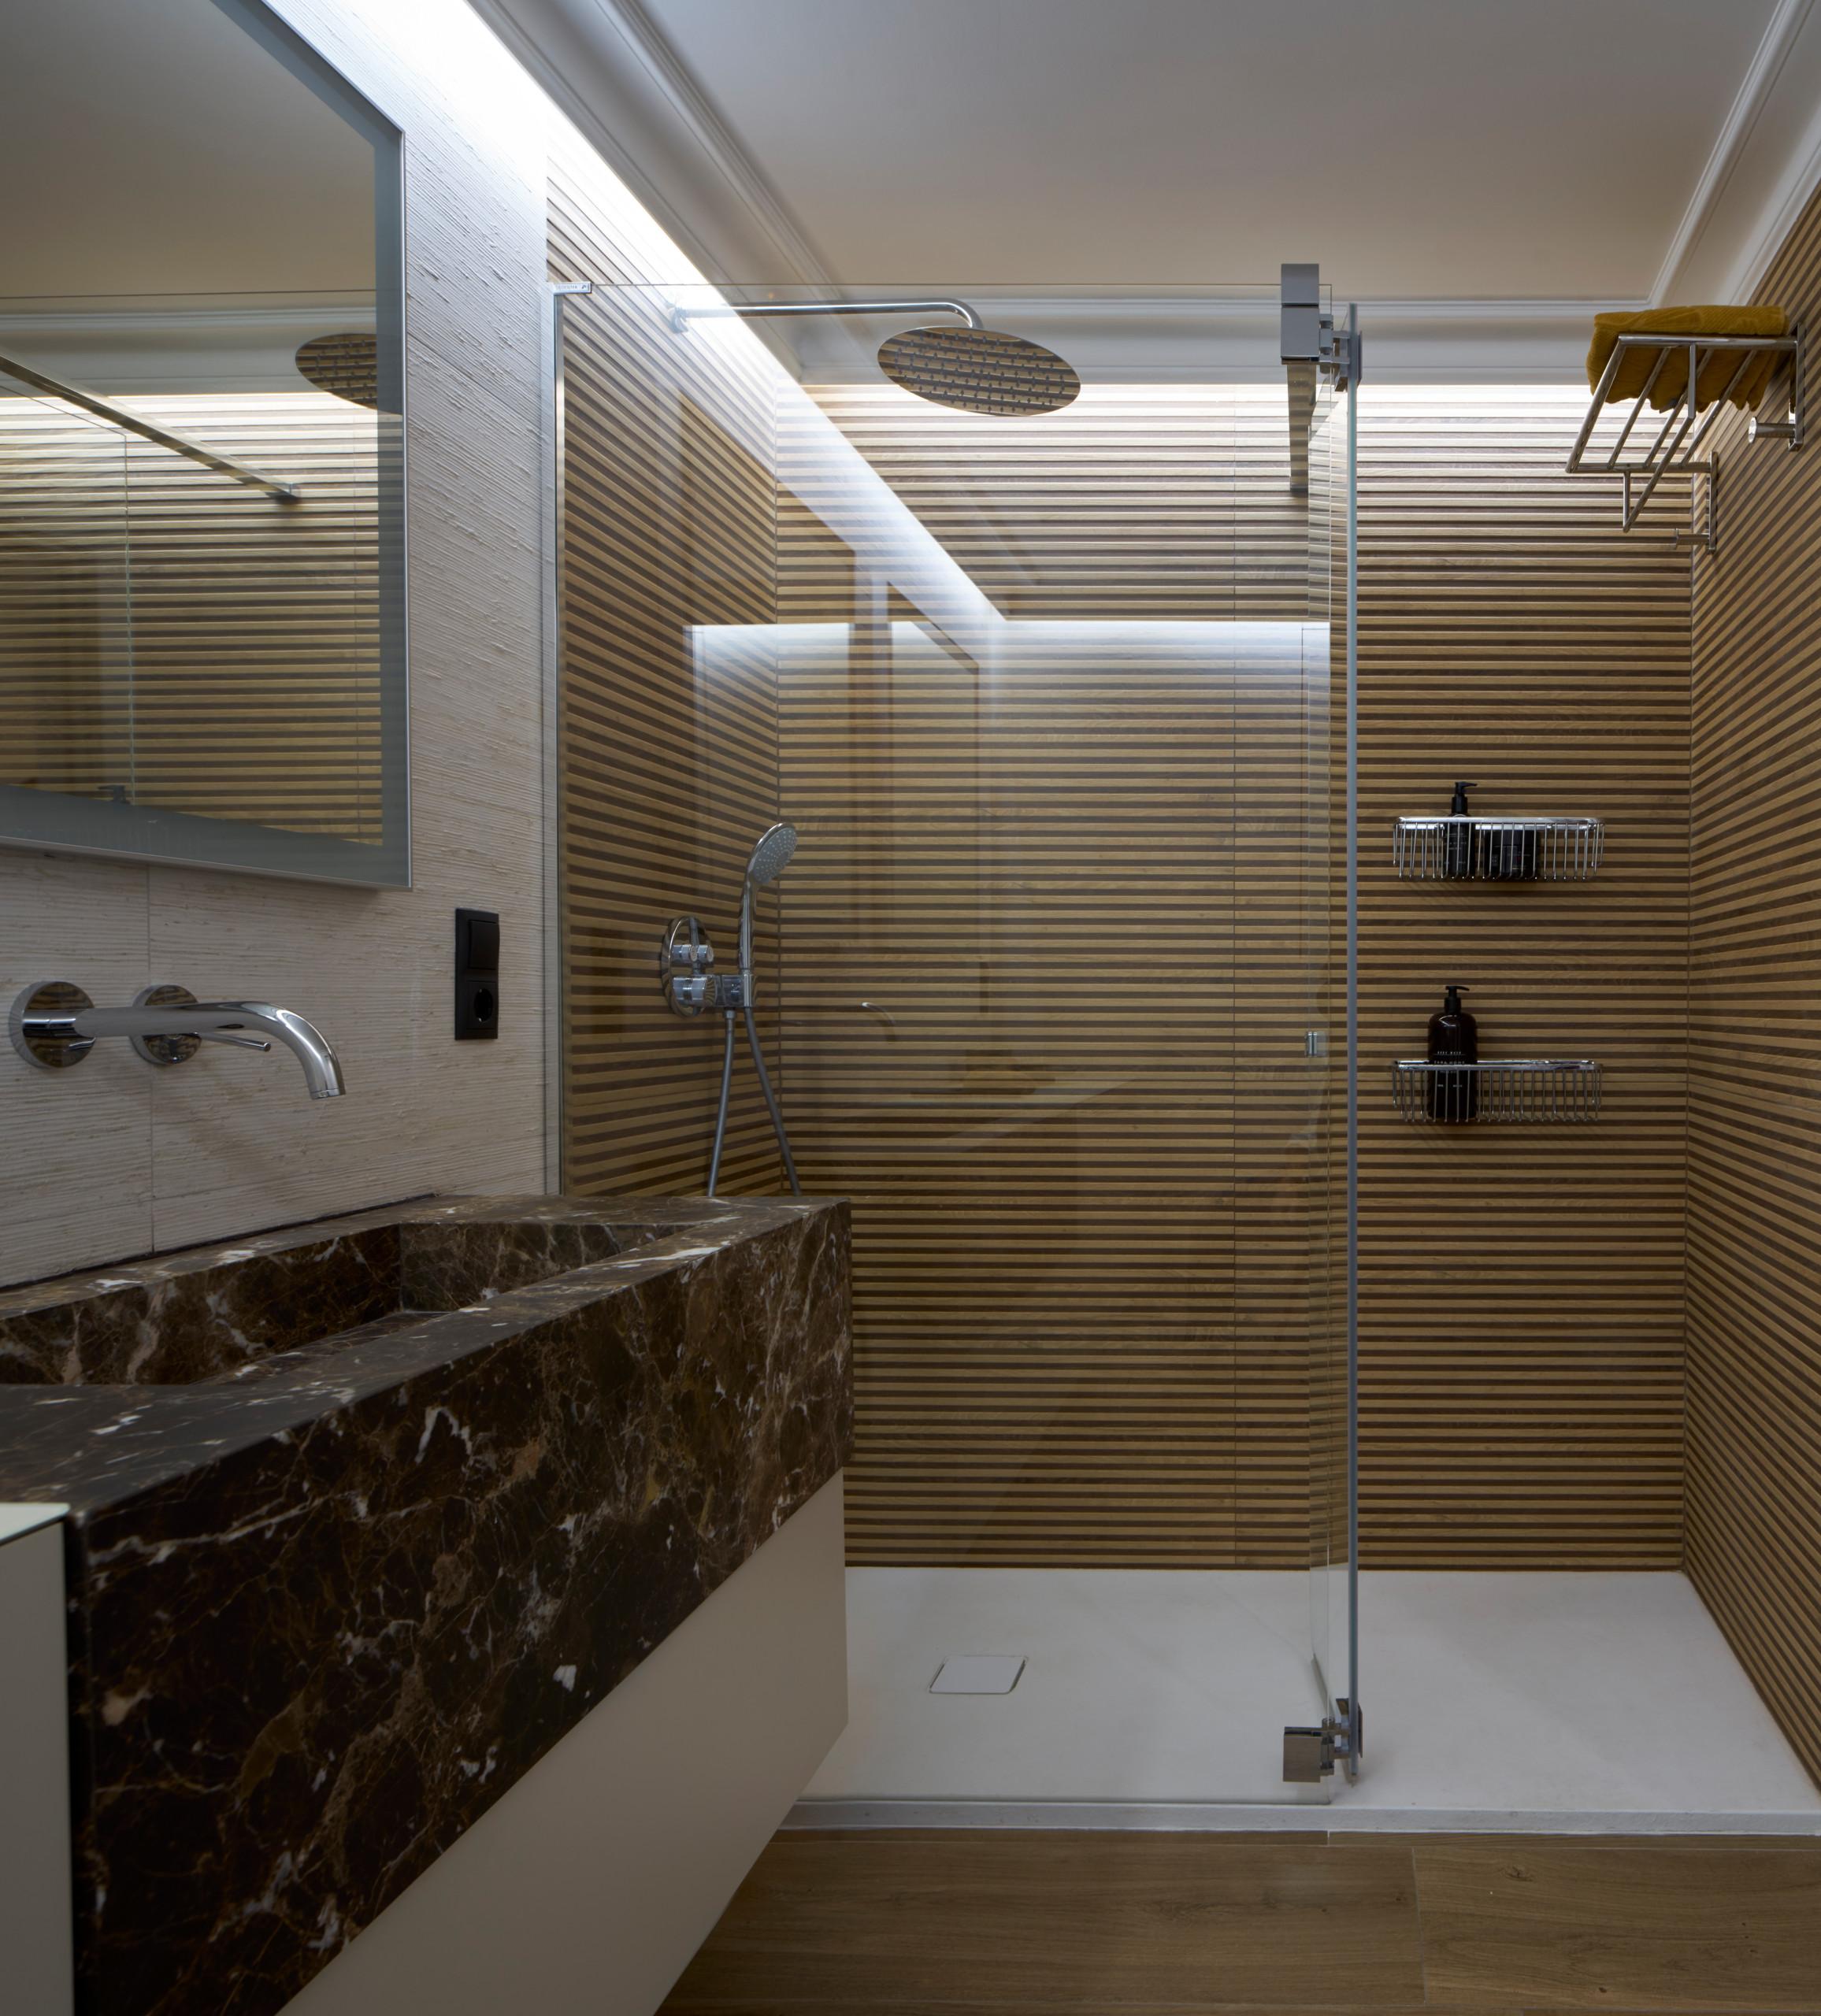 Ducha en el baño con revestimiento imitación a madera